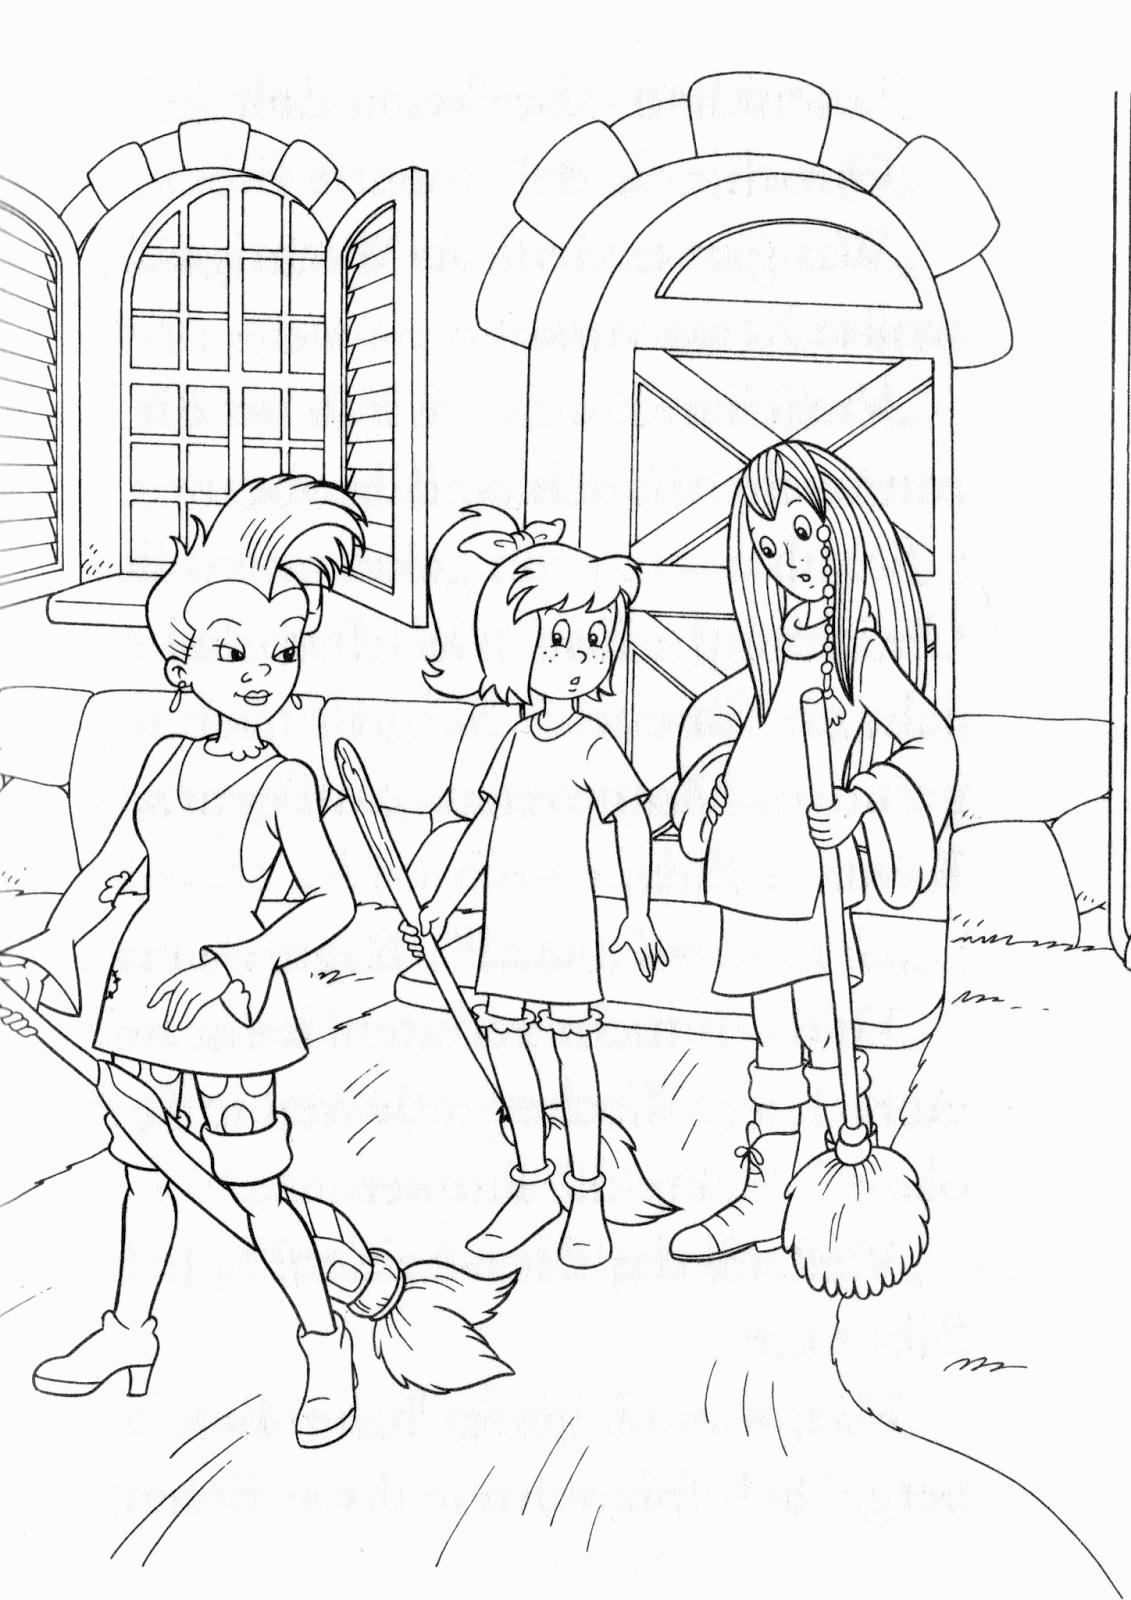 Bibi Und Tina Malvorlage - kinderbilderdownload